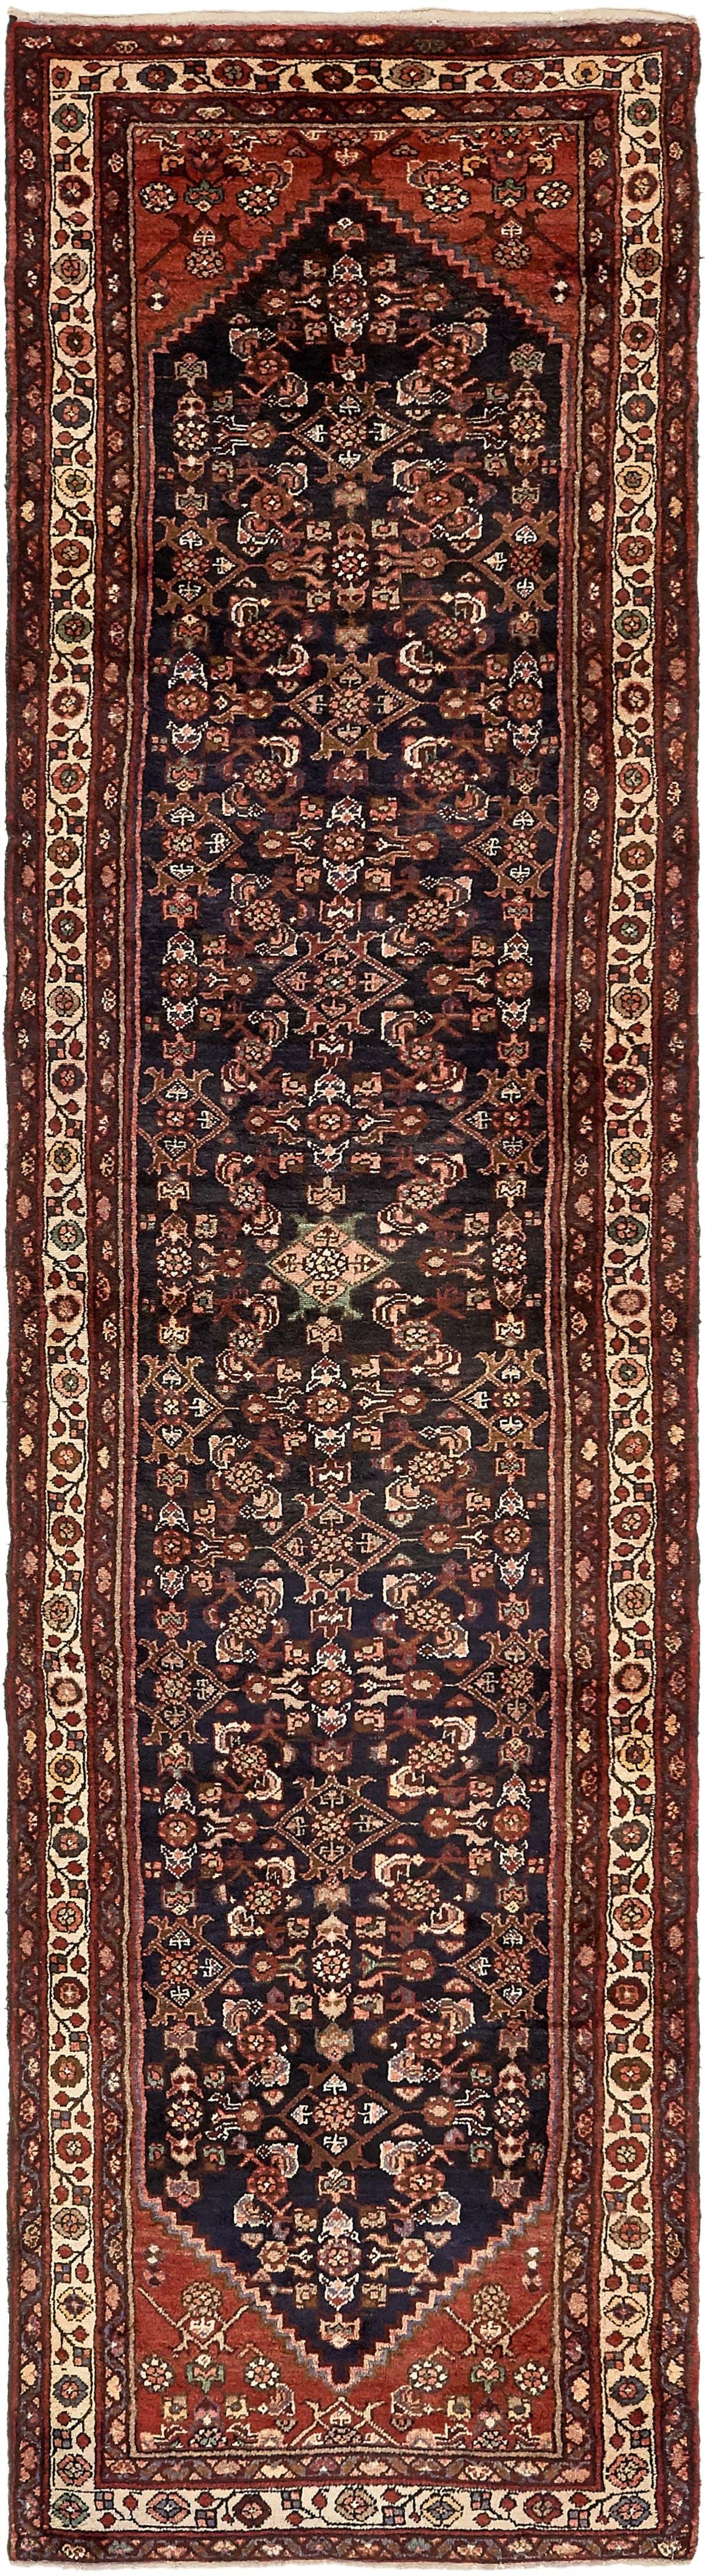 3' 4 x 12' 10 Hossainabad Persian Runner Rug main image